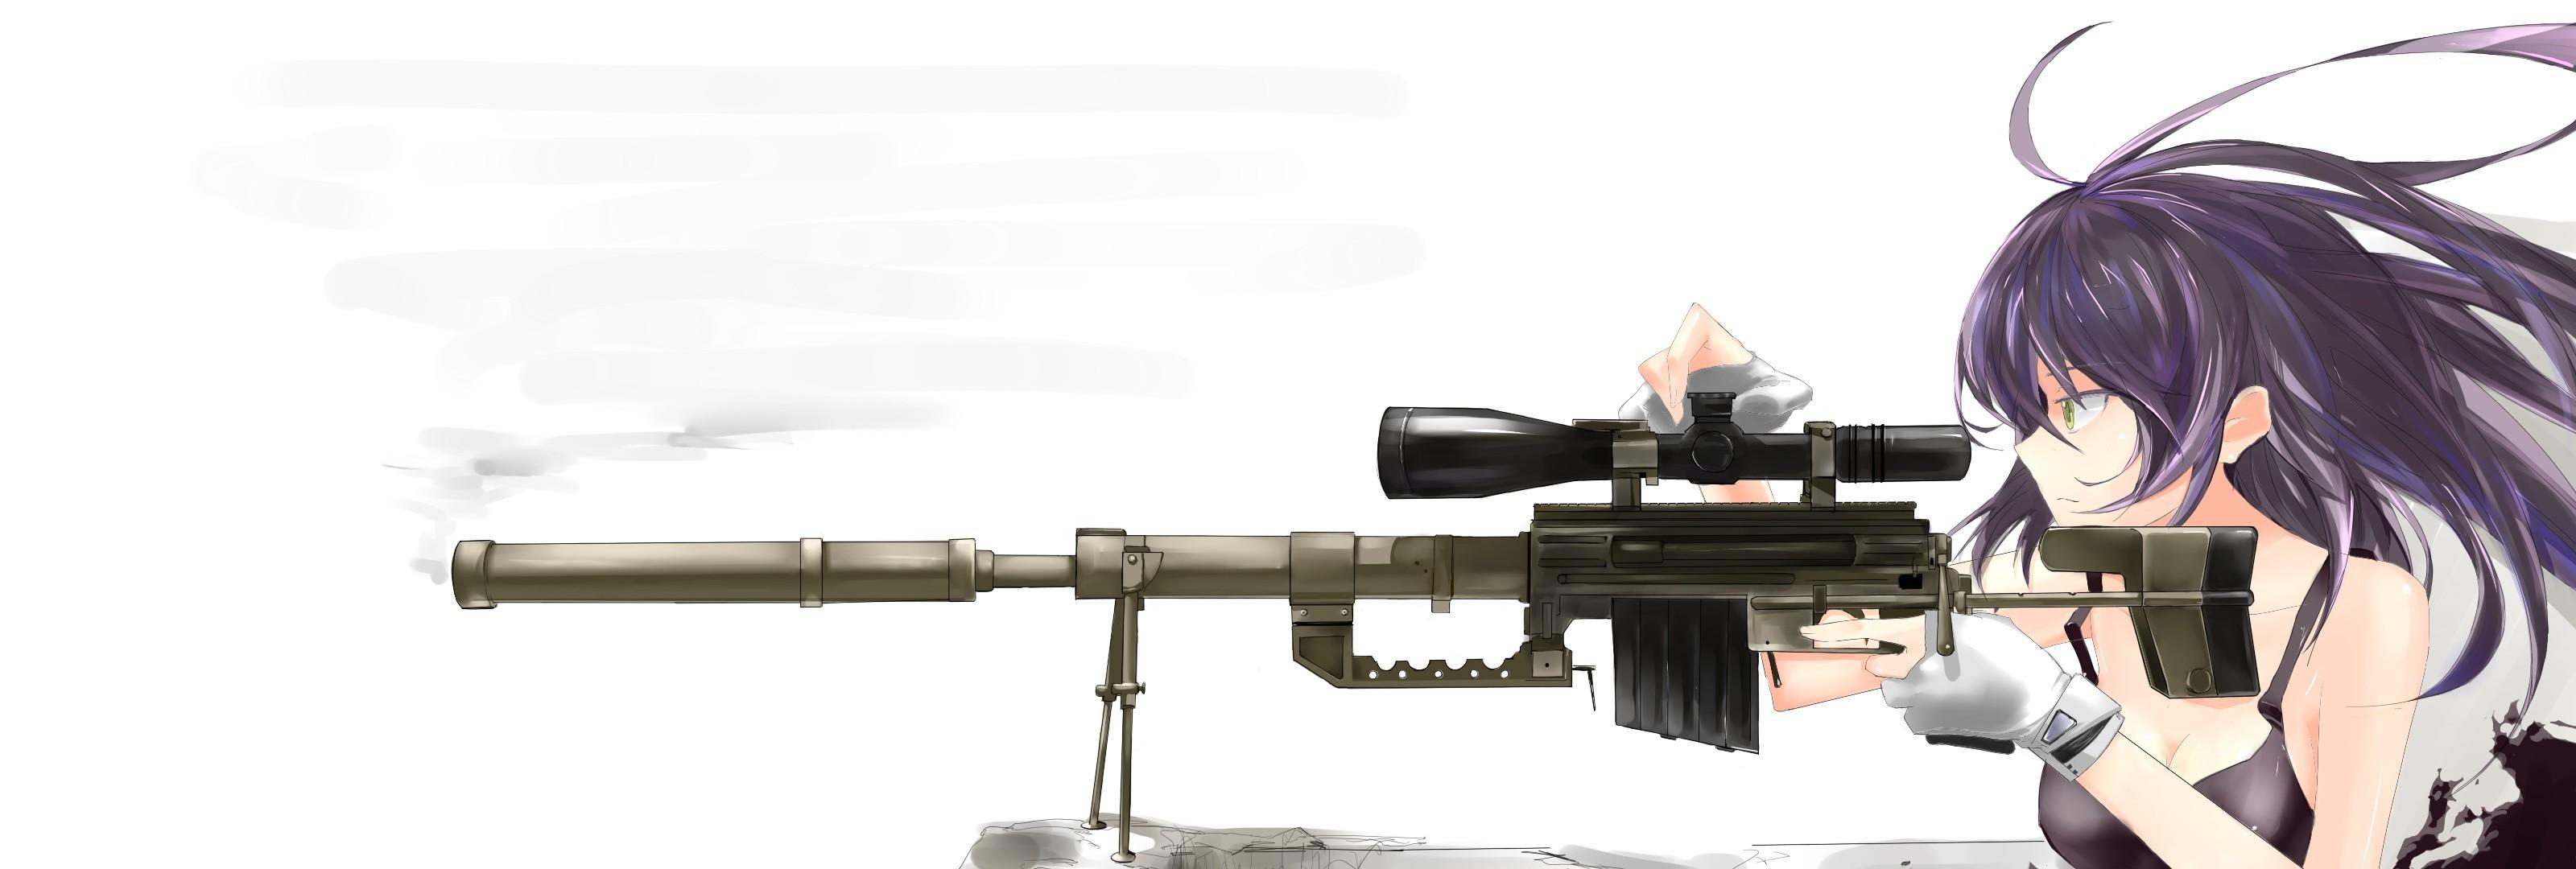 3200x1080 Px Sniper Rifle